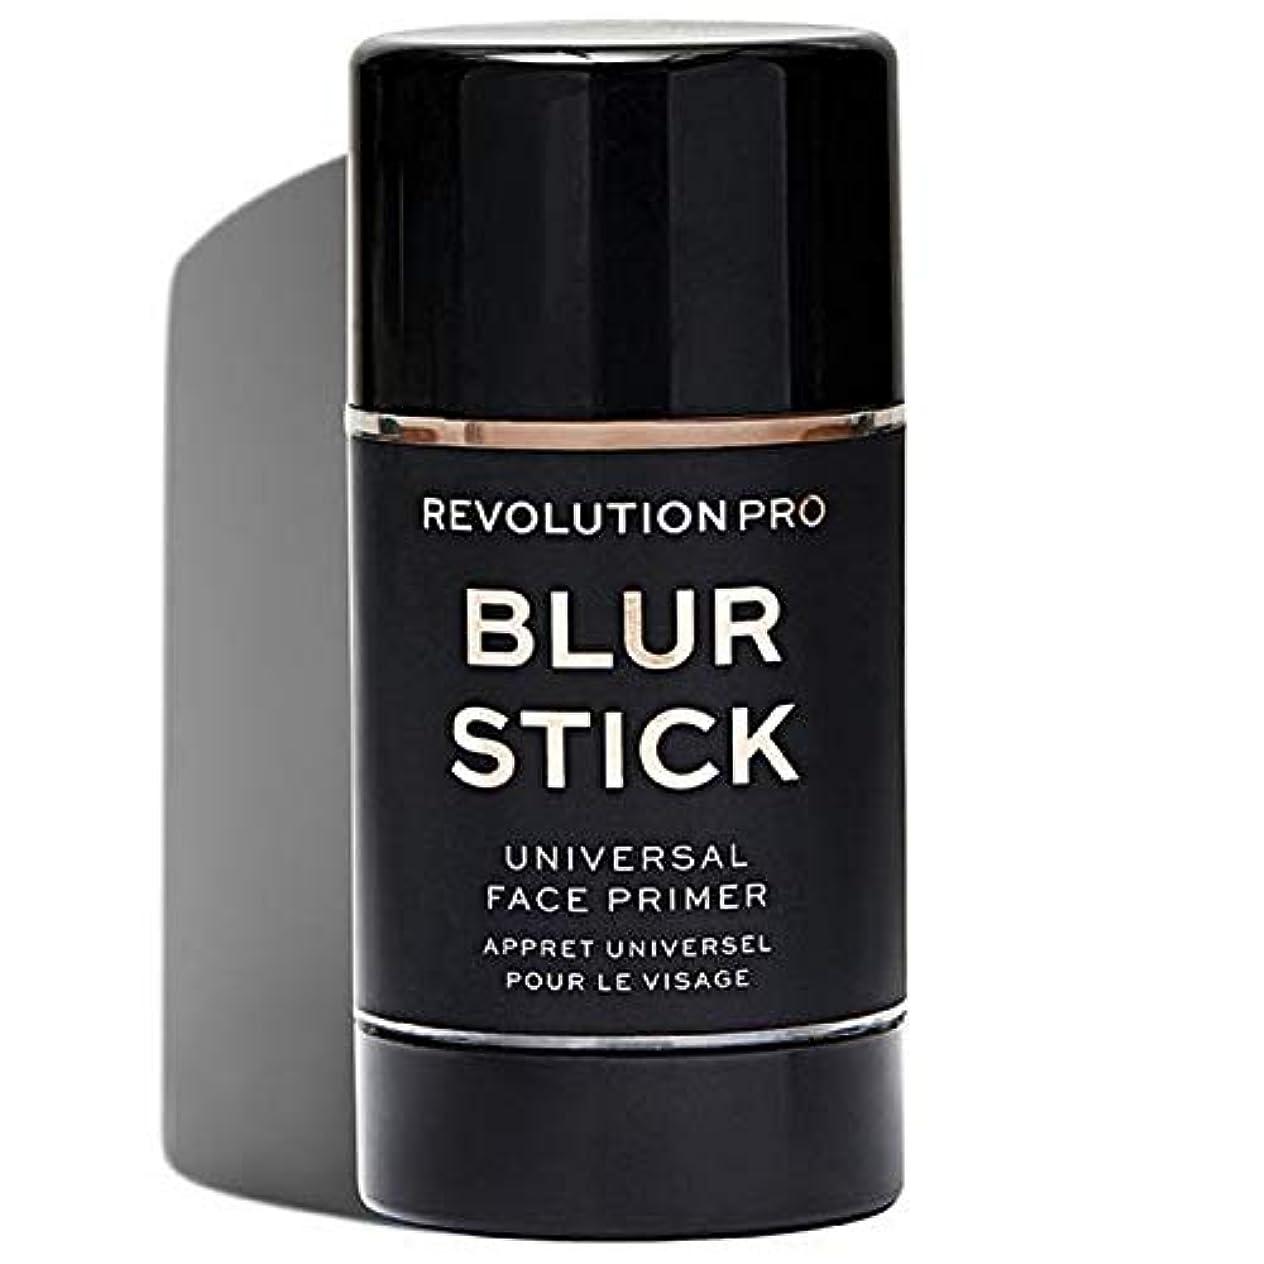 ナチュラル包帯栄養[Revolution ] 革命プロブラースティック - Revolution Pro Blur Stick [並行輸入品]